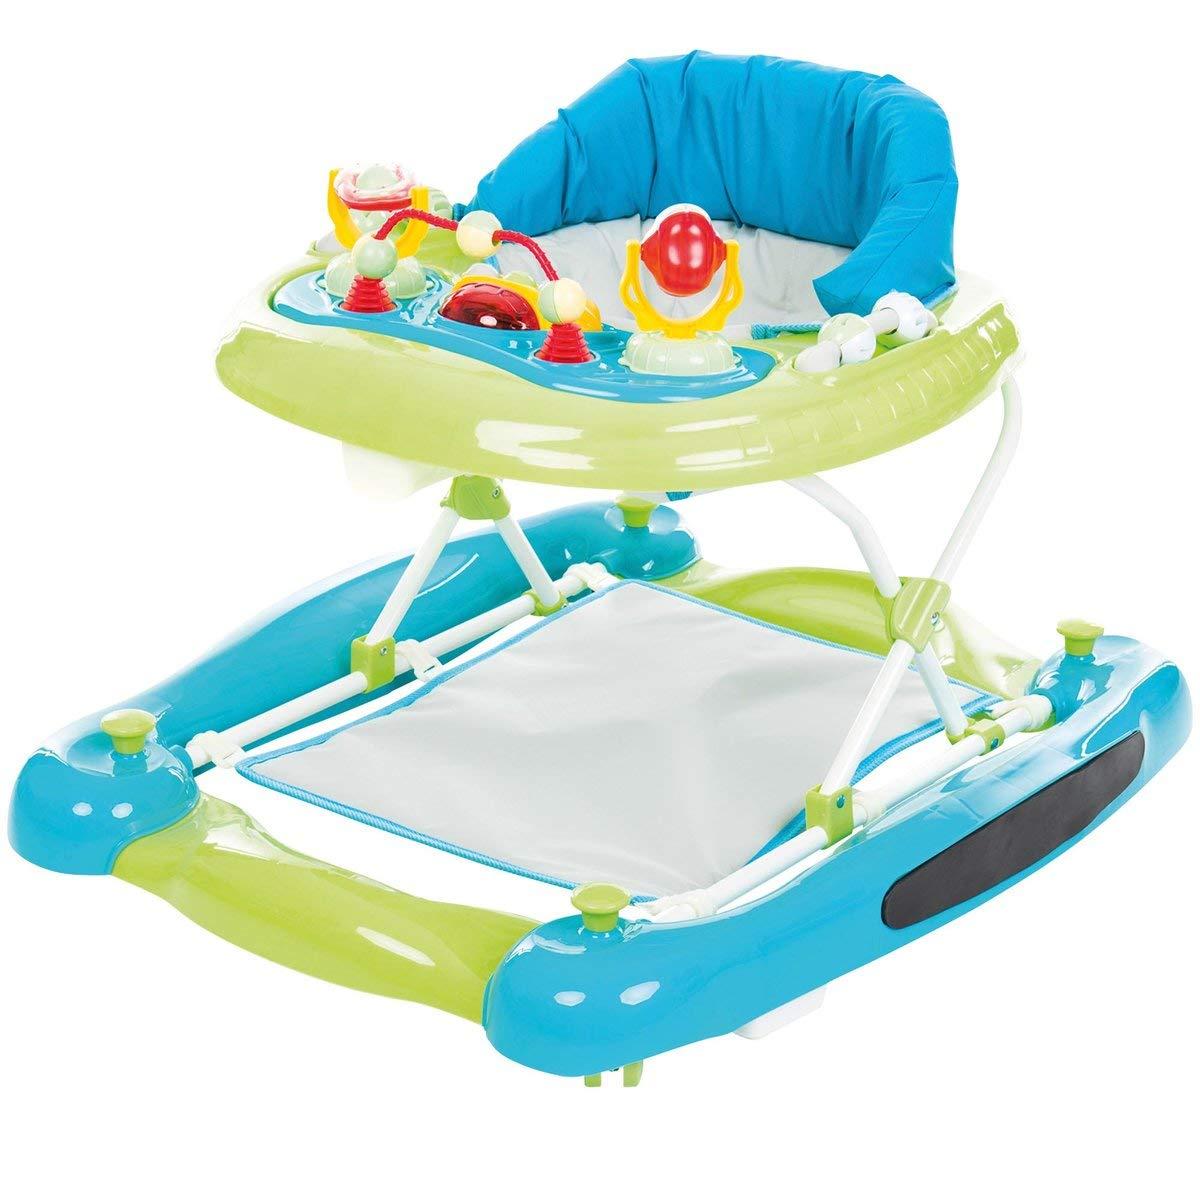 Baby-Wellness-Lifestyle - Tacatá con función balancín, color ...